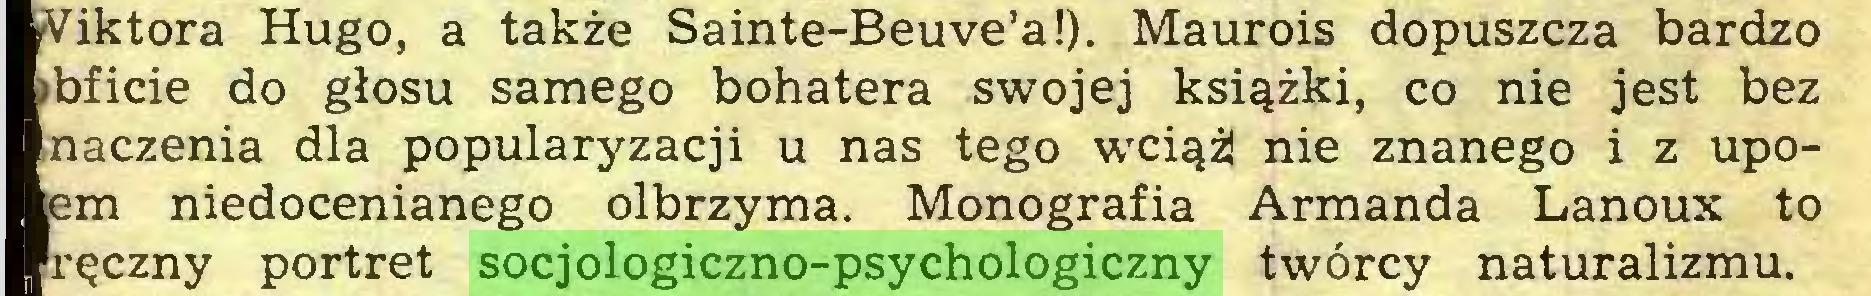 (...) Viktora Hugo, a także Sainte-Beuve'a!). Maurois dopuszcza bardzo »bficie do głosu samego bohatera swojej książki, co nie jest bez naczenia dla popularyzacji u nas tego wciąż nie znanego i z upoem niedocenianego olbrzyma. Monografia Armanda Lanoux to ręczny portret socjologiczno-psychologiczny twórcy naturalizmu...